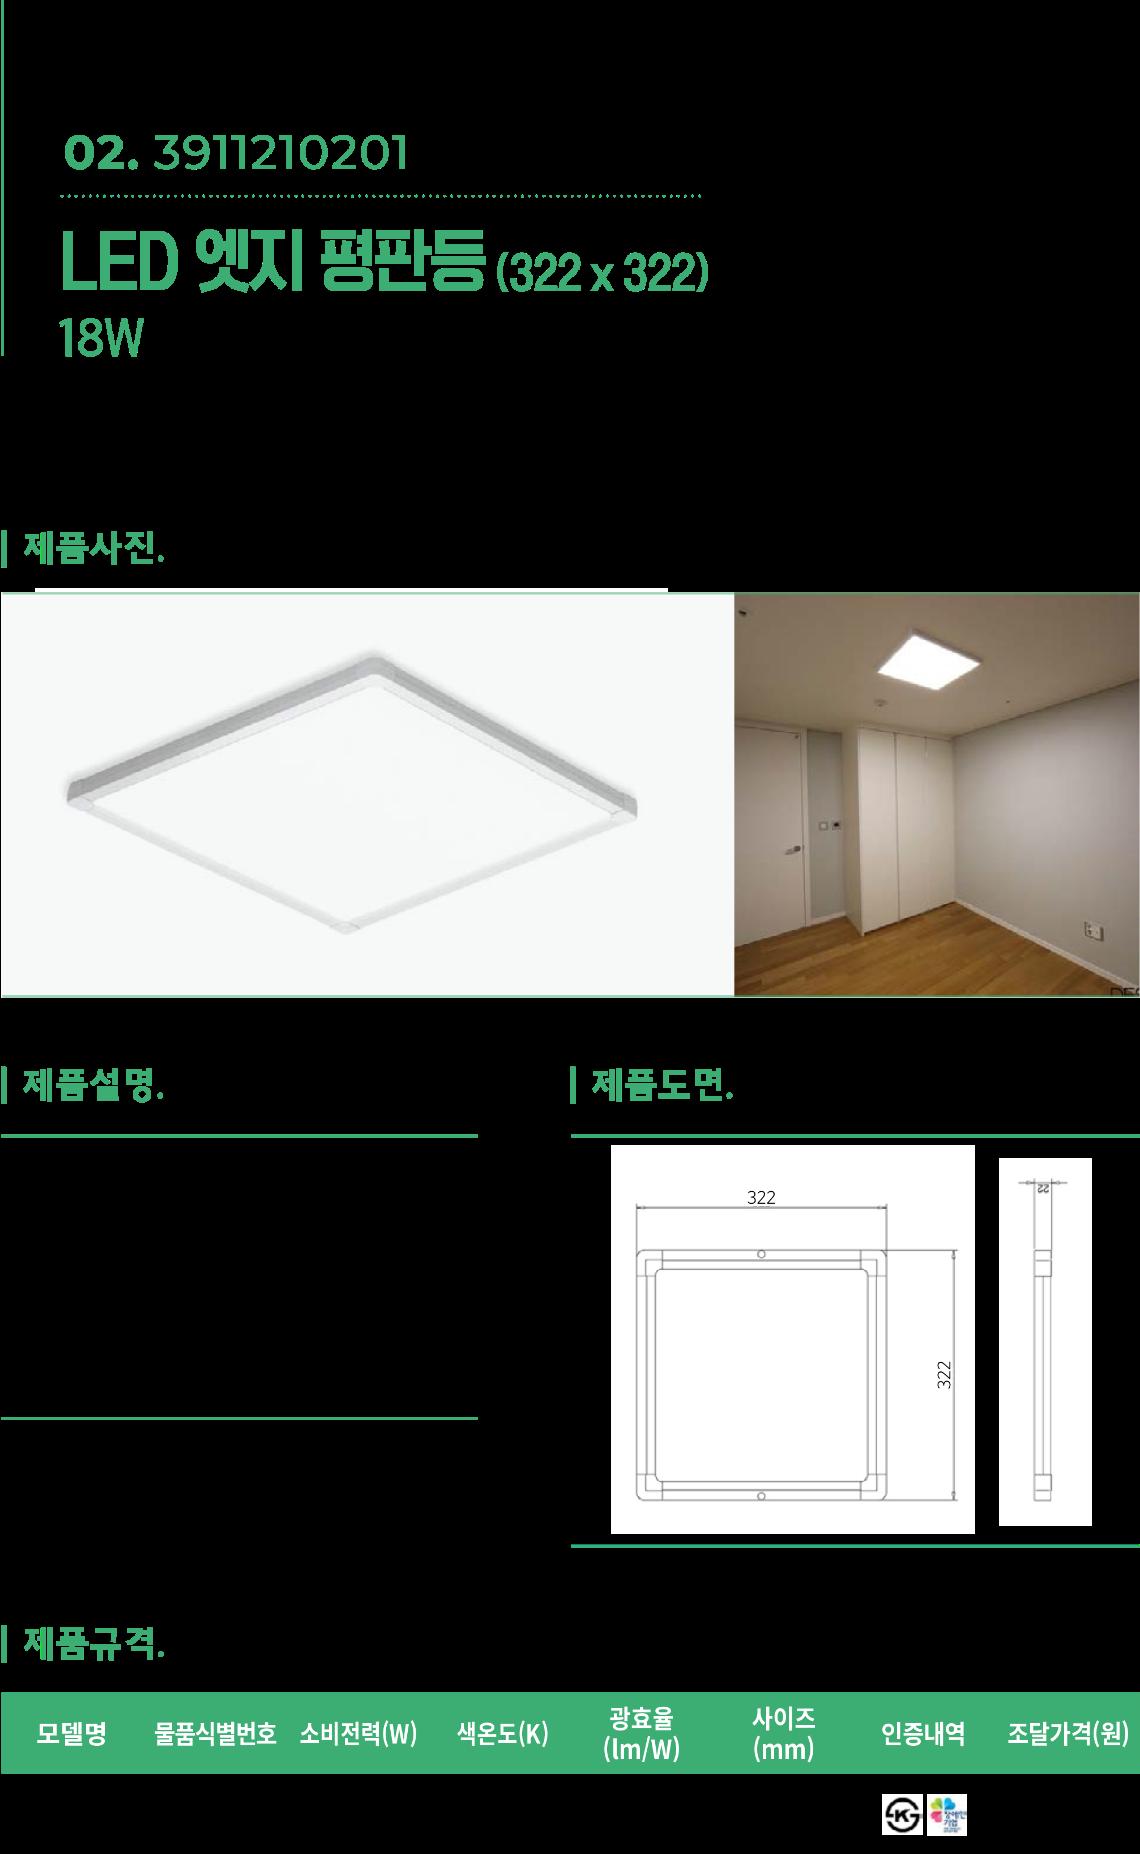 LED-엣지-평판등-322-18w.png